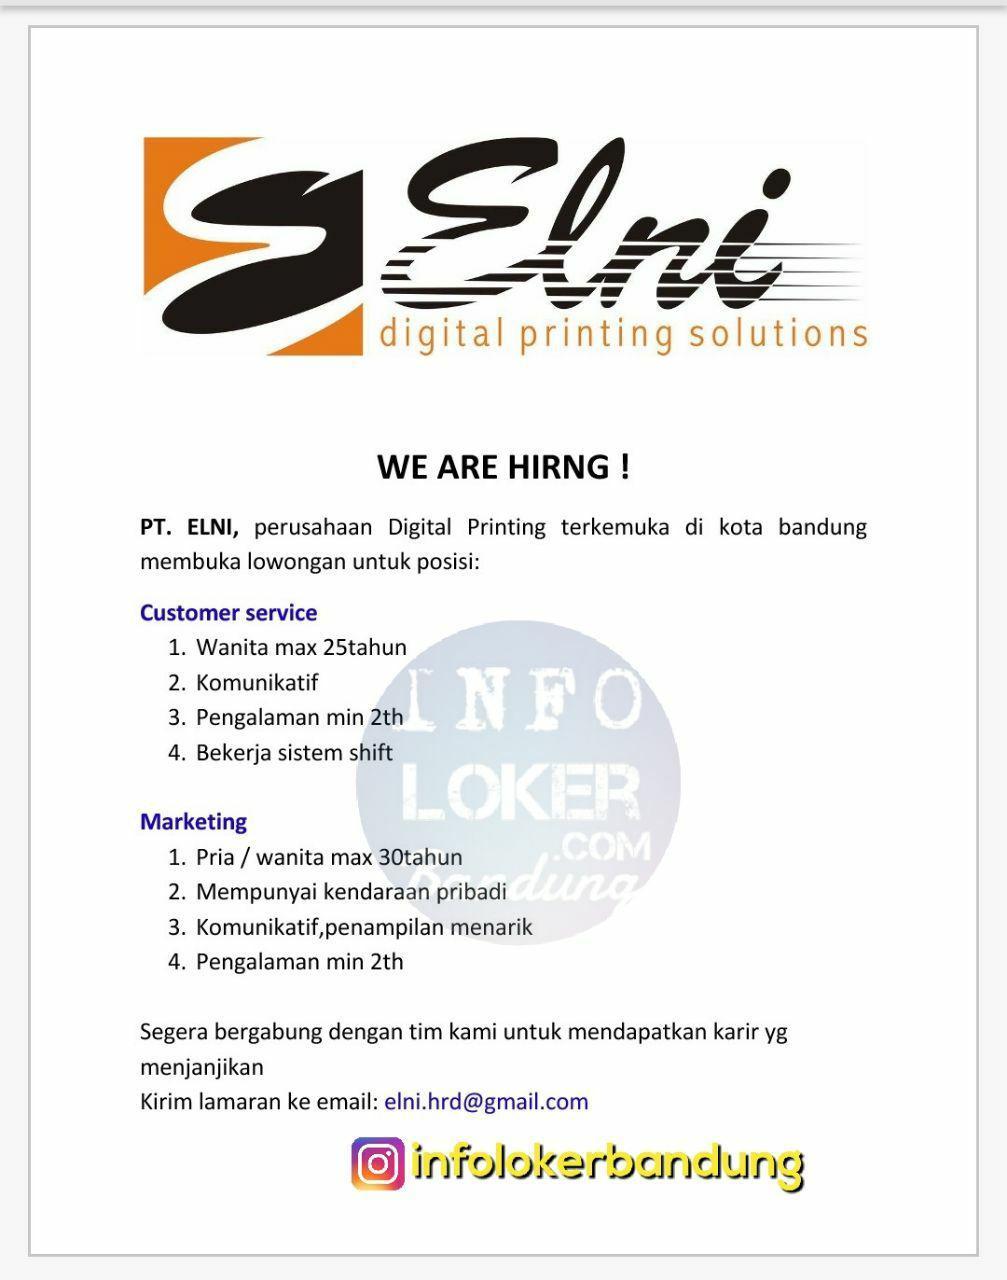 Lowongan Kerja PT. ELNI Digital Printing Solutions Bandung November 2017